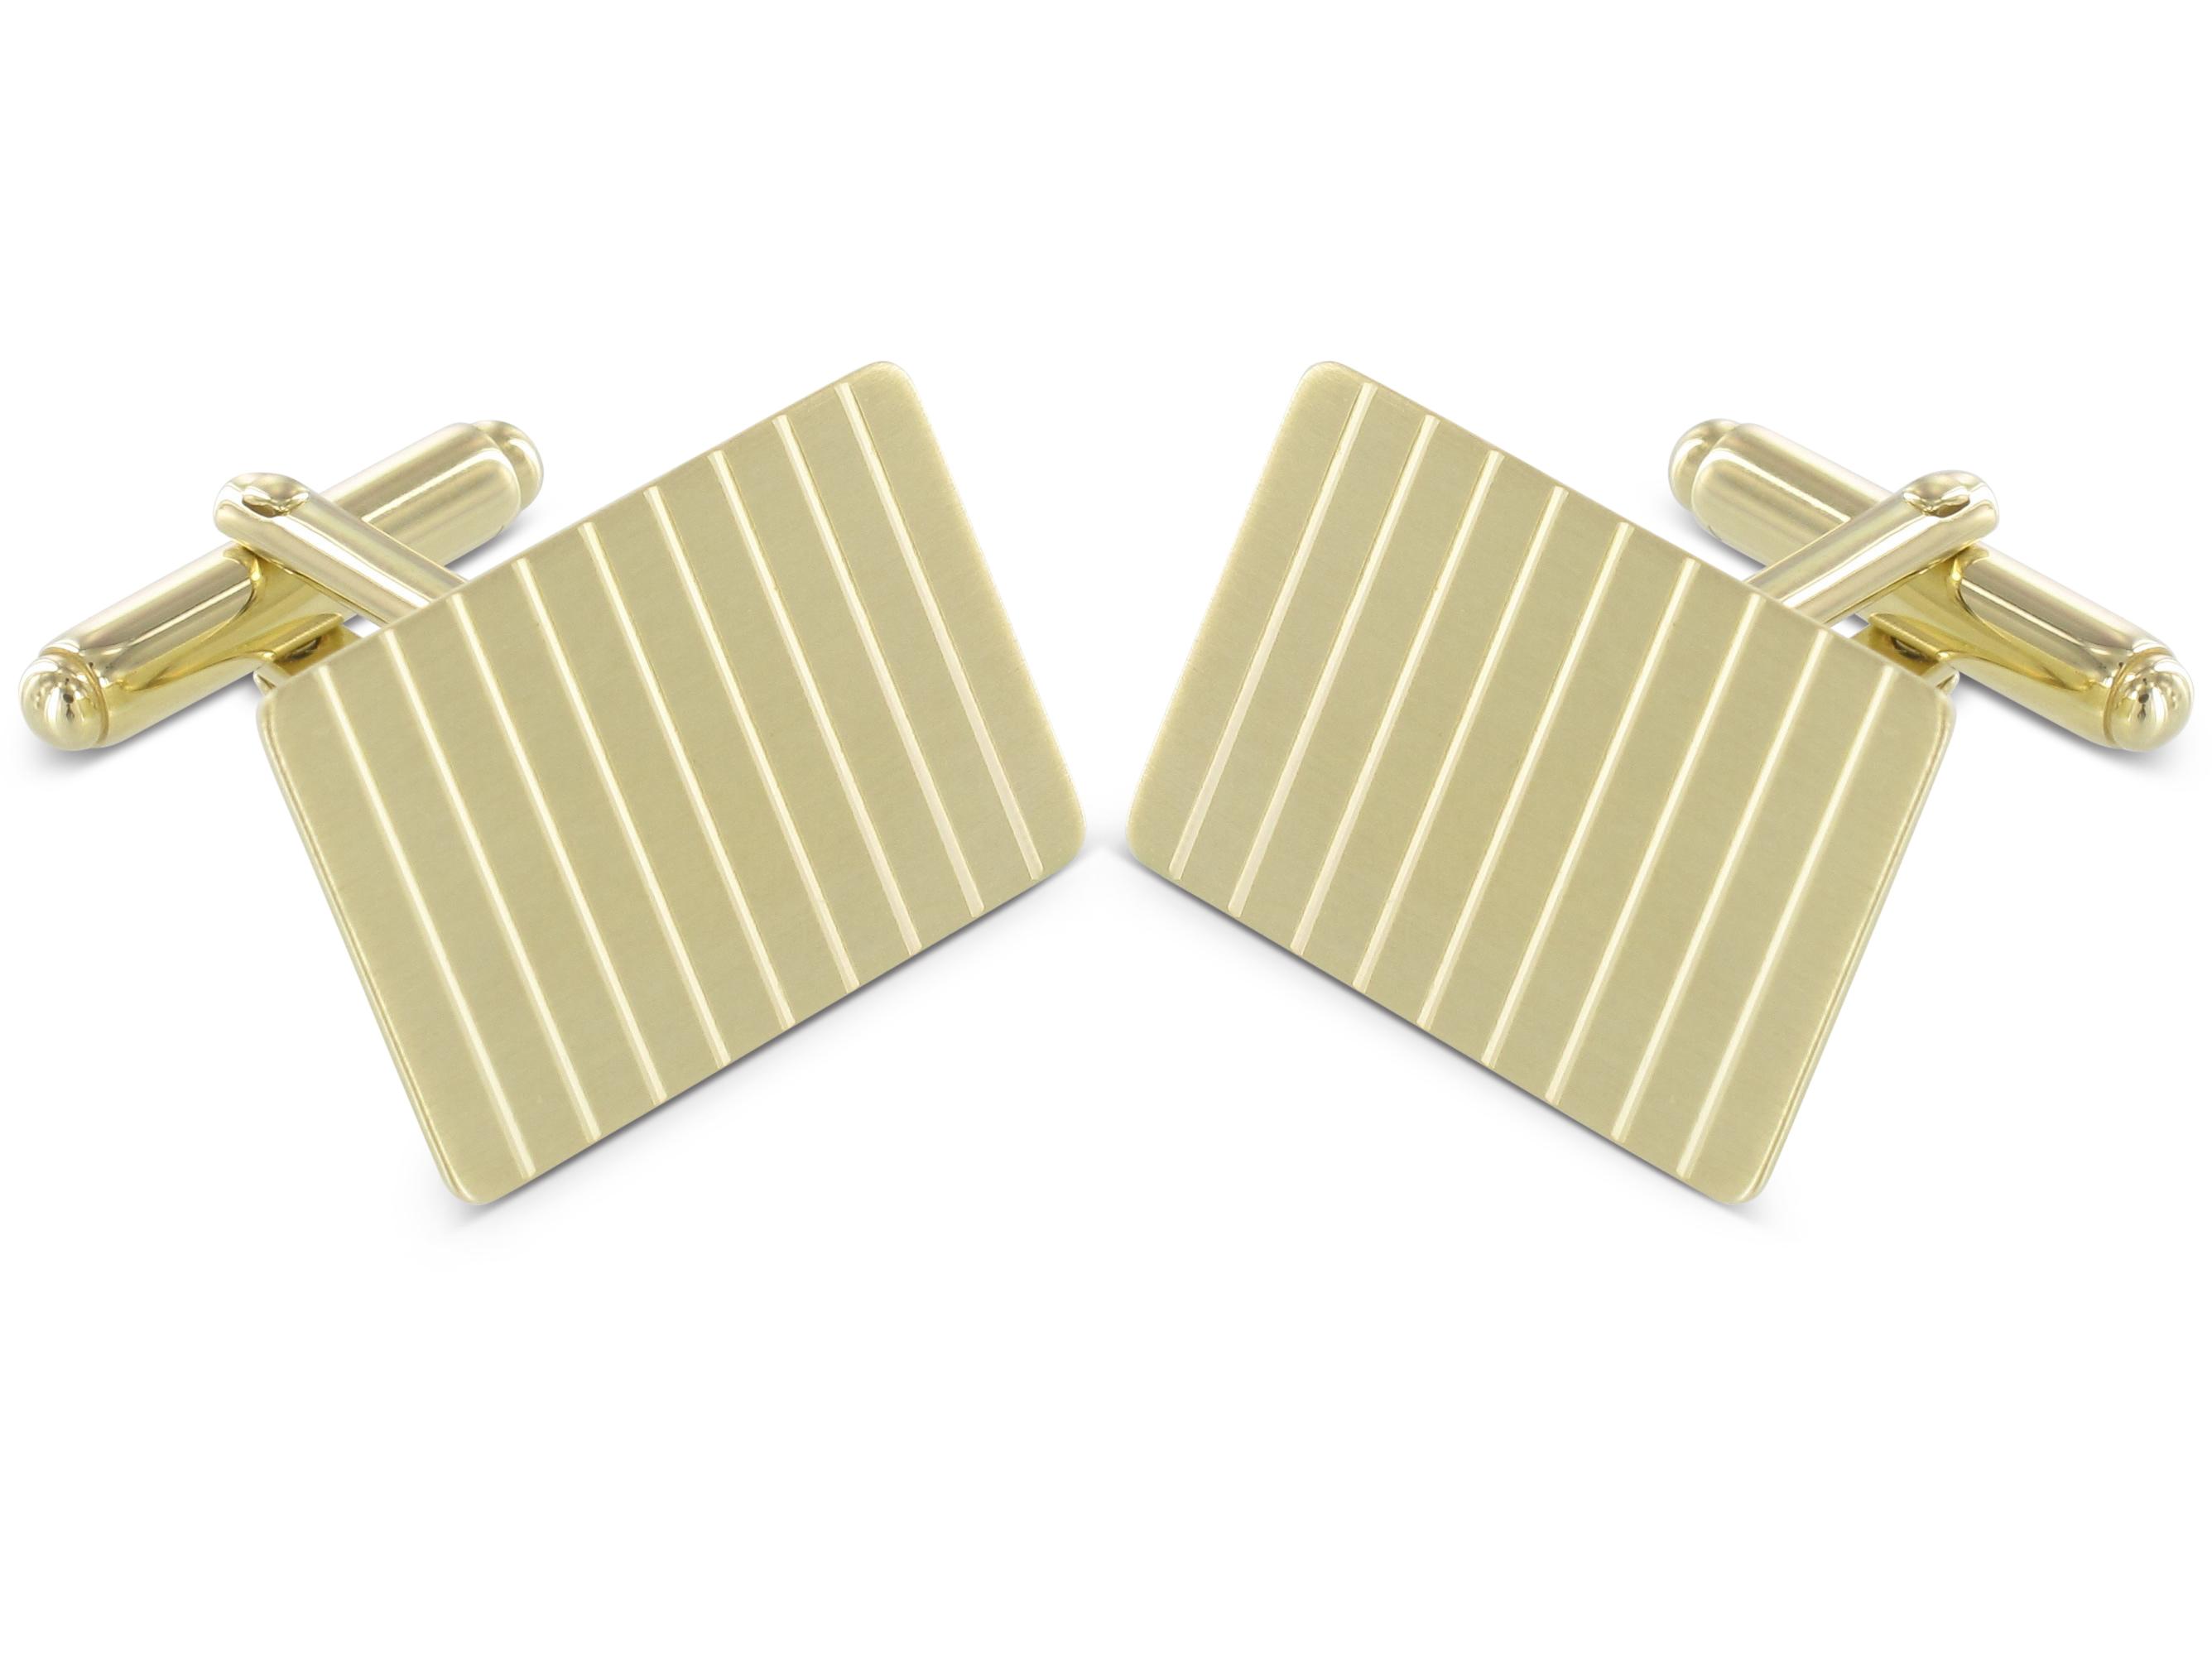 Grom Manschettenknöpfe Gold 585 Streifen